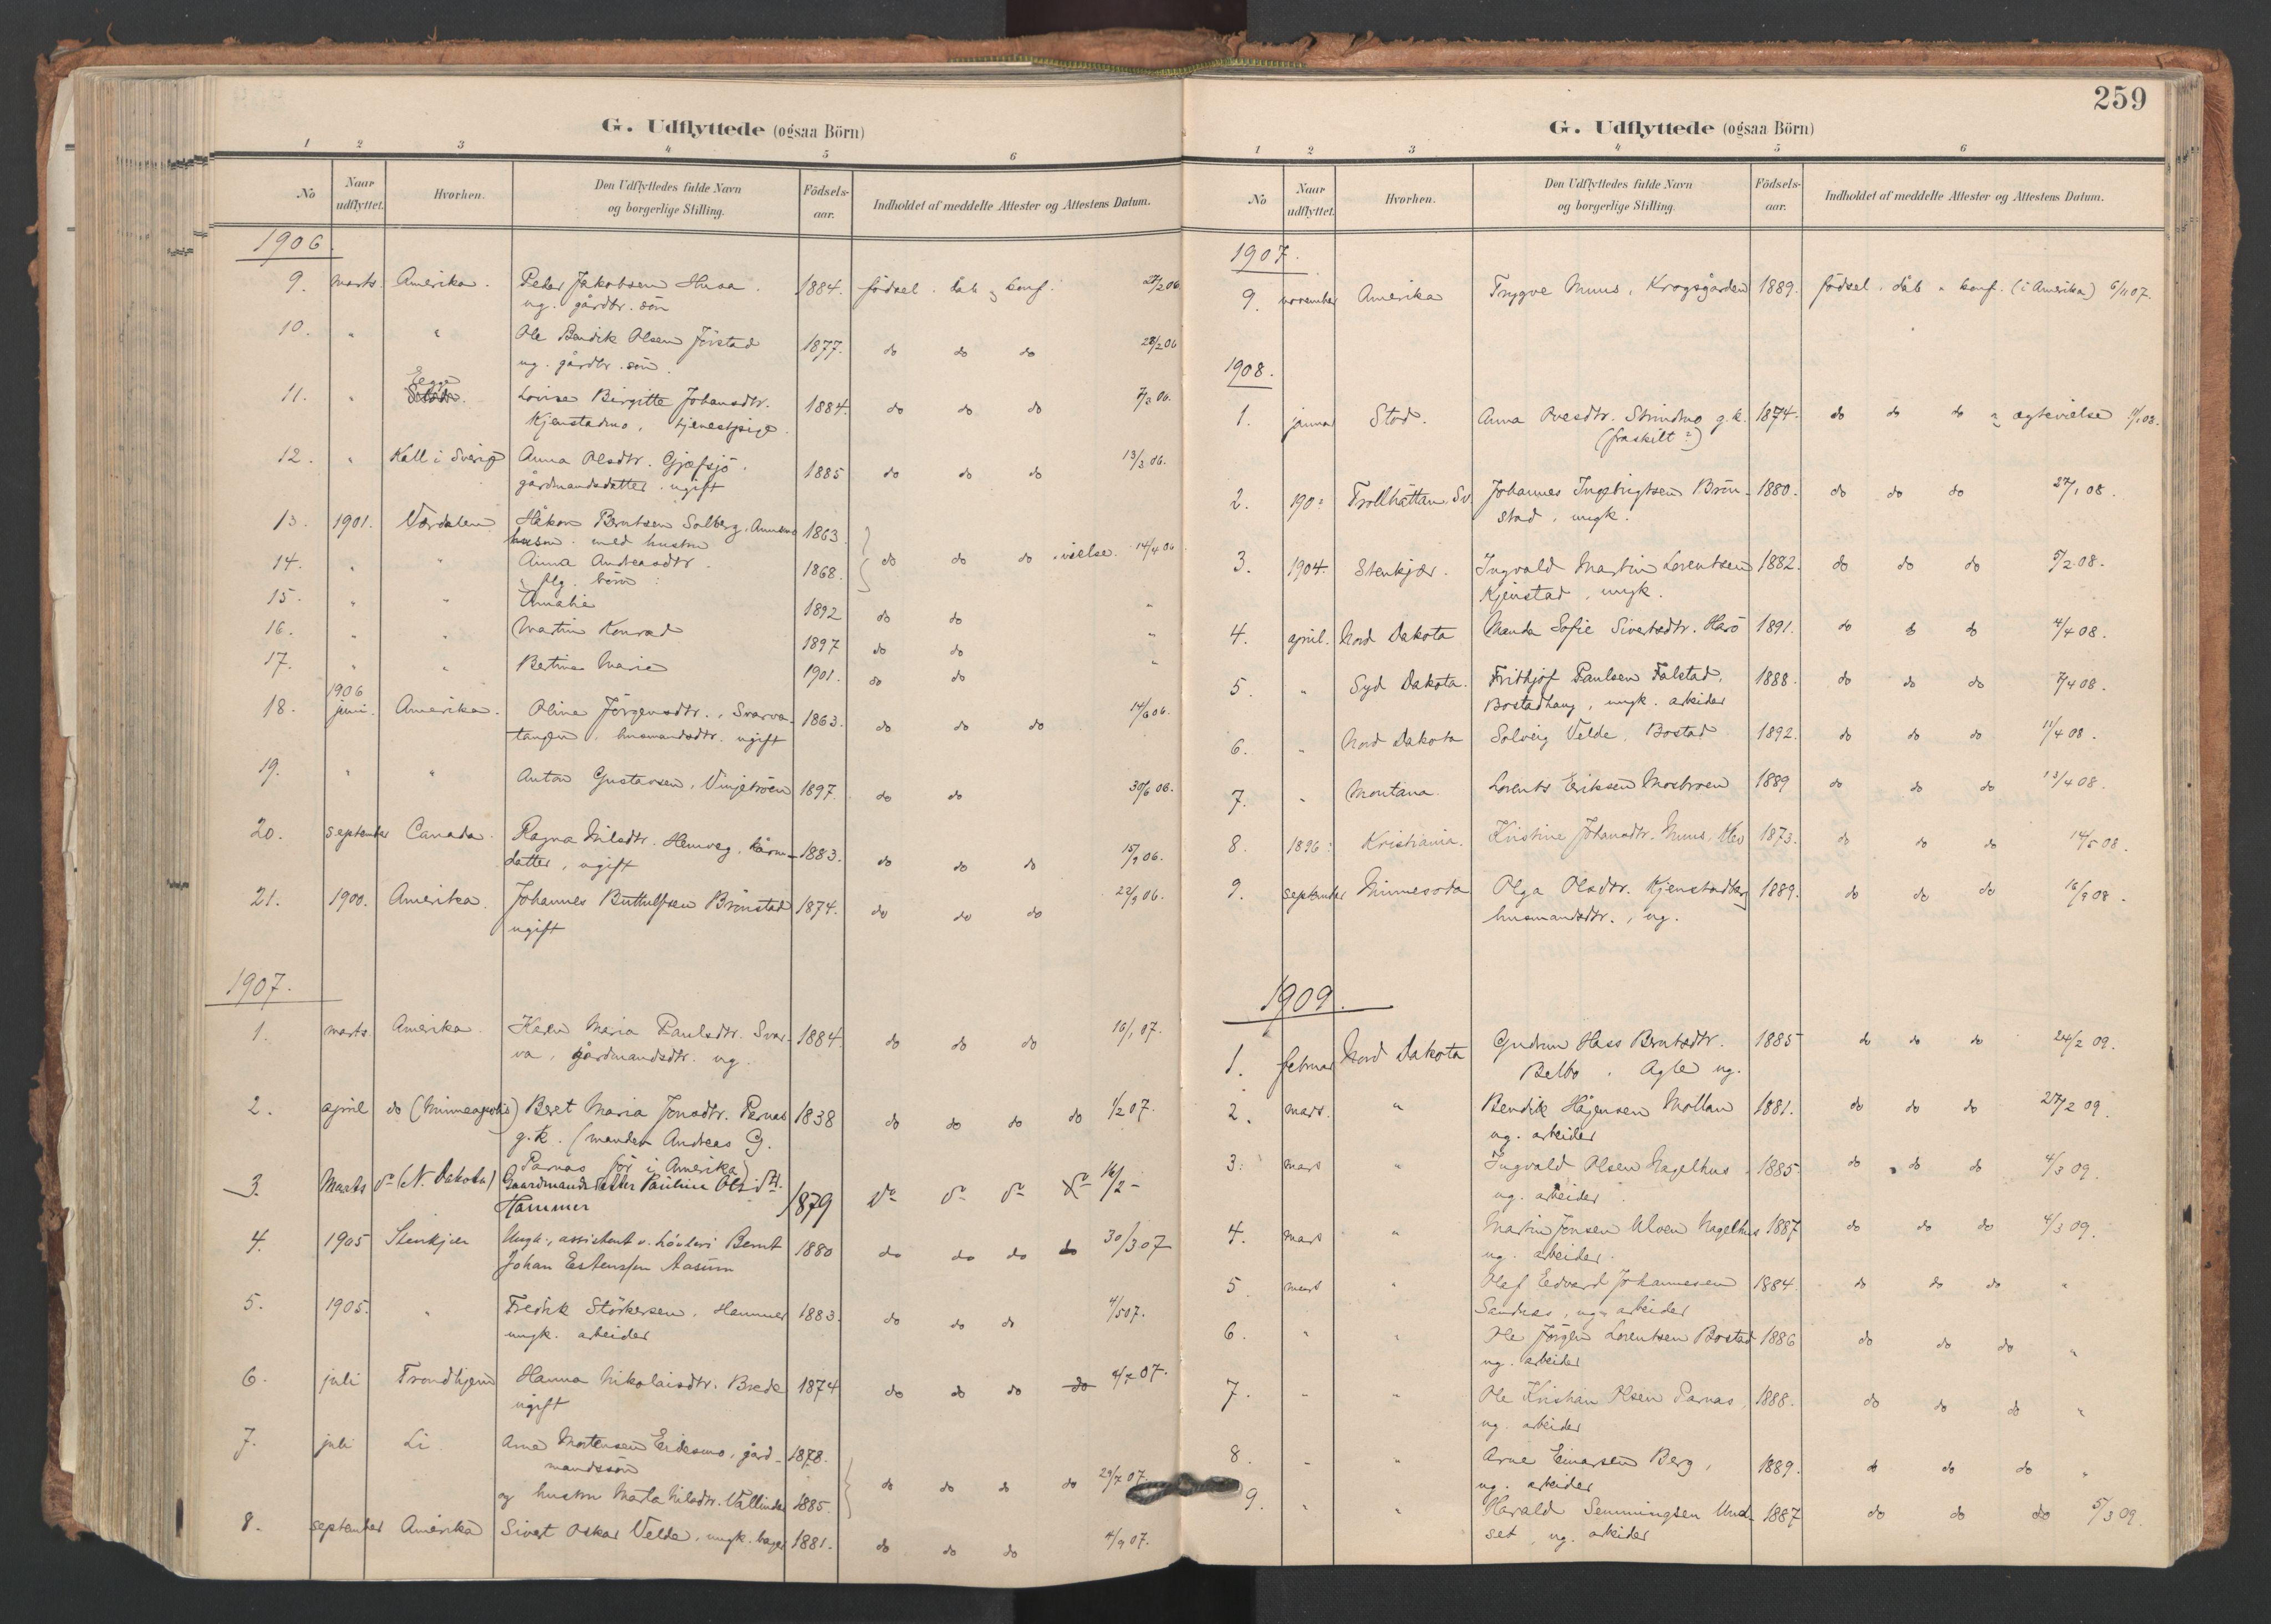 SAT, Ministerialprotokoller, klokkerbøker og fødselsregistre - Nord-Trøndelag, 749/L0477: Ministerialbok nr. 749A11, 1902-1927, s. 259